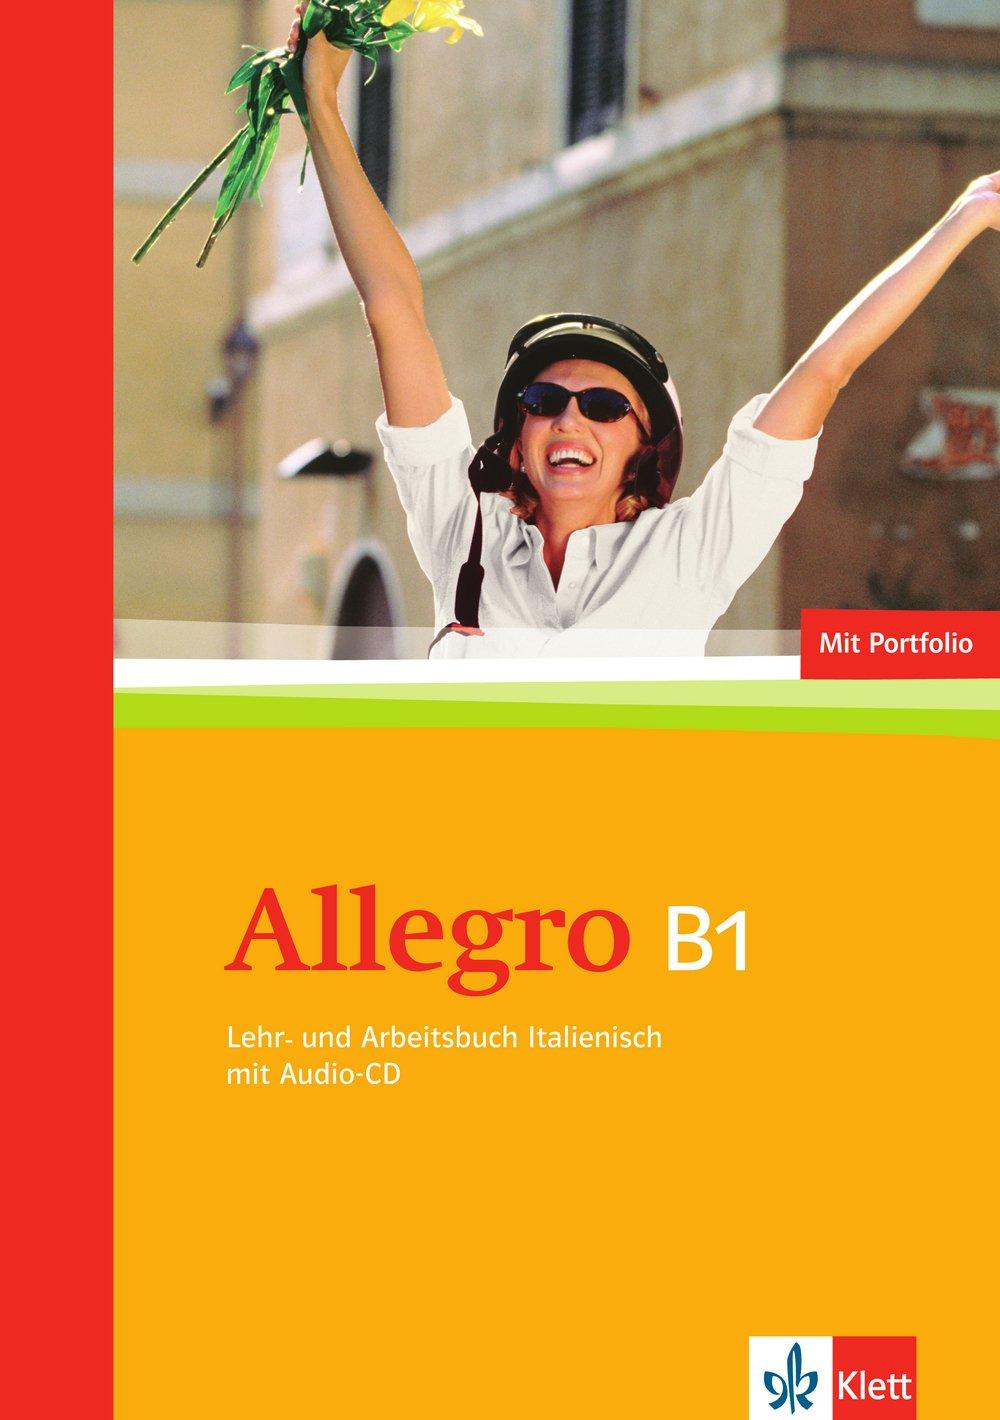 Allegro B1: Lehr- und Arbeitsbuch + Audio-CD